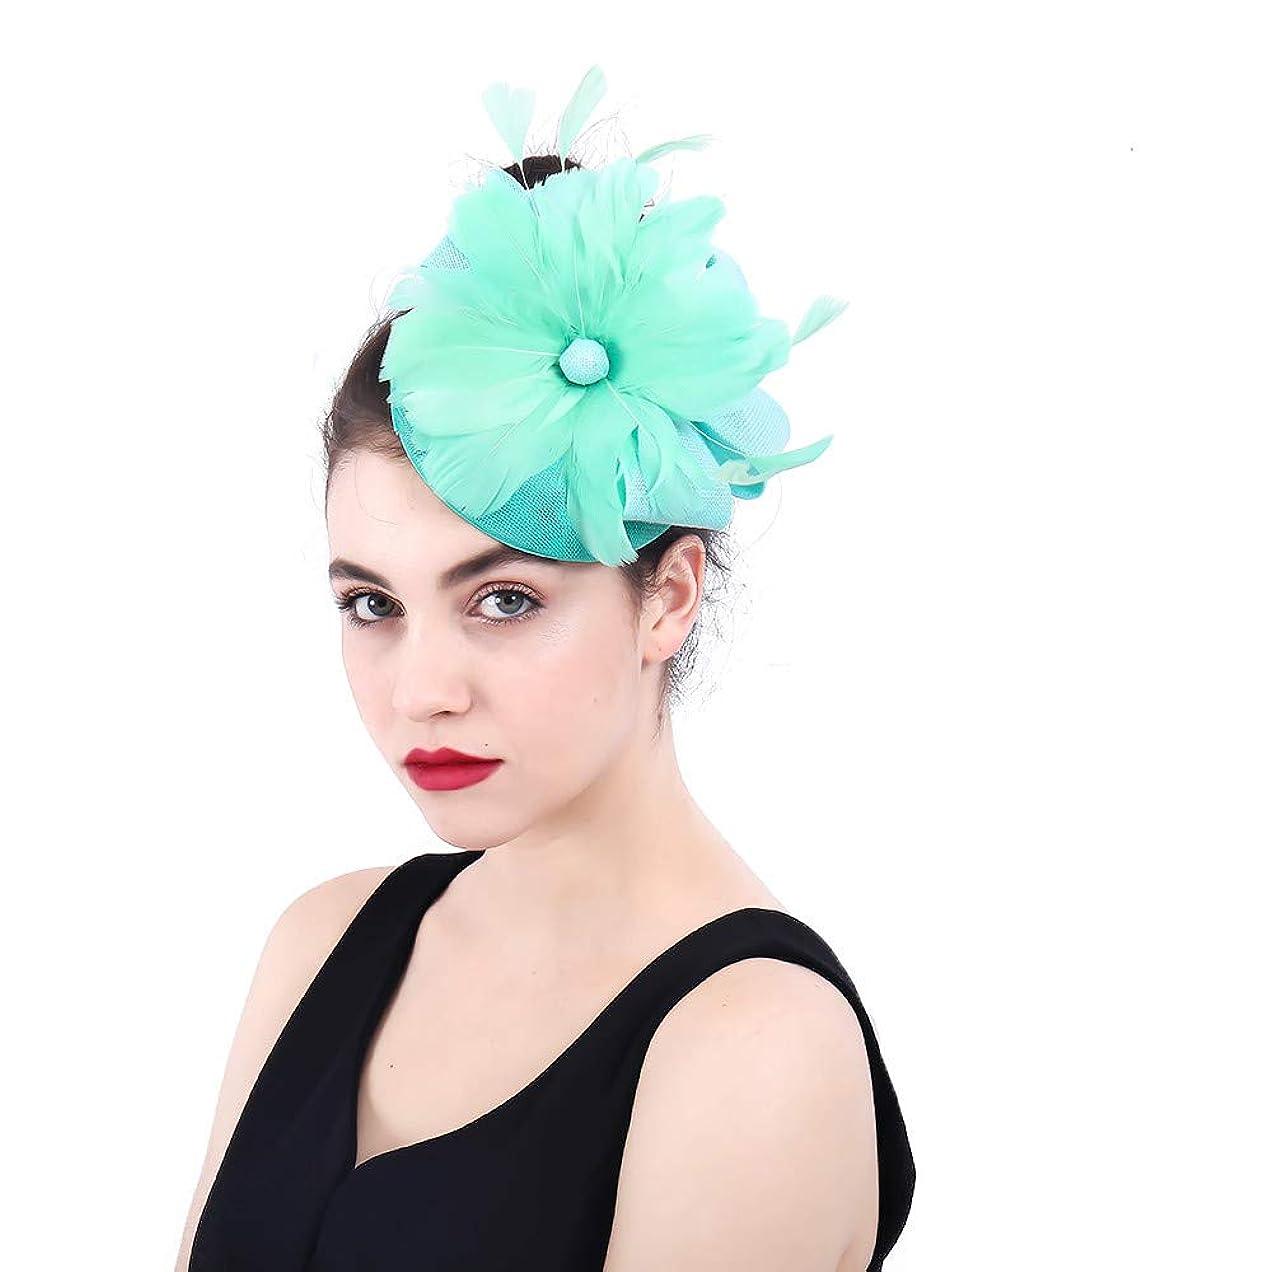 アブストラクト貫通する病的女性の魅力的な帽子 女性のエレガントな魅惑的な帽子の羽の花の結婚式のヘアピンヘッドドレスロイヤルアスコットカクテルティーパーティー (色 : 青)